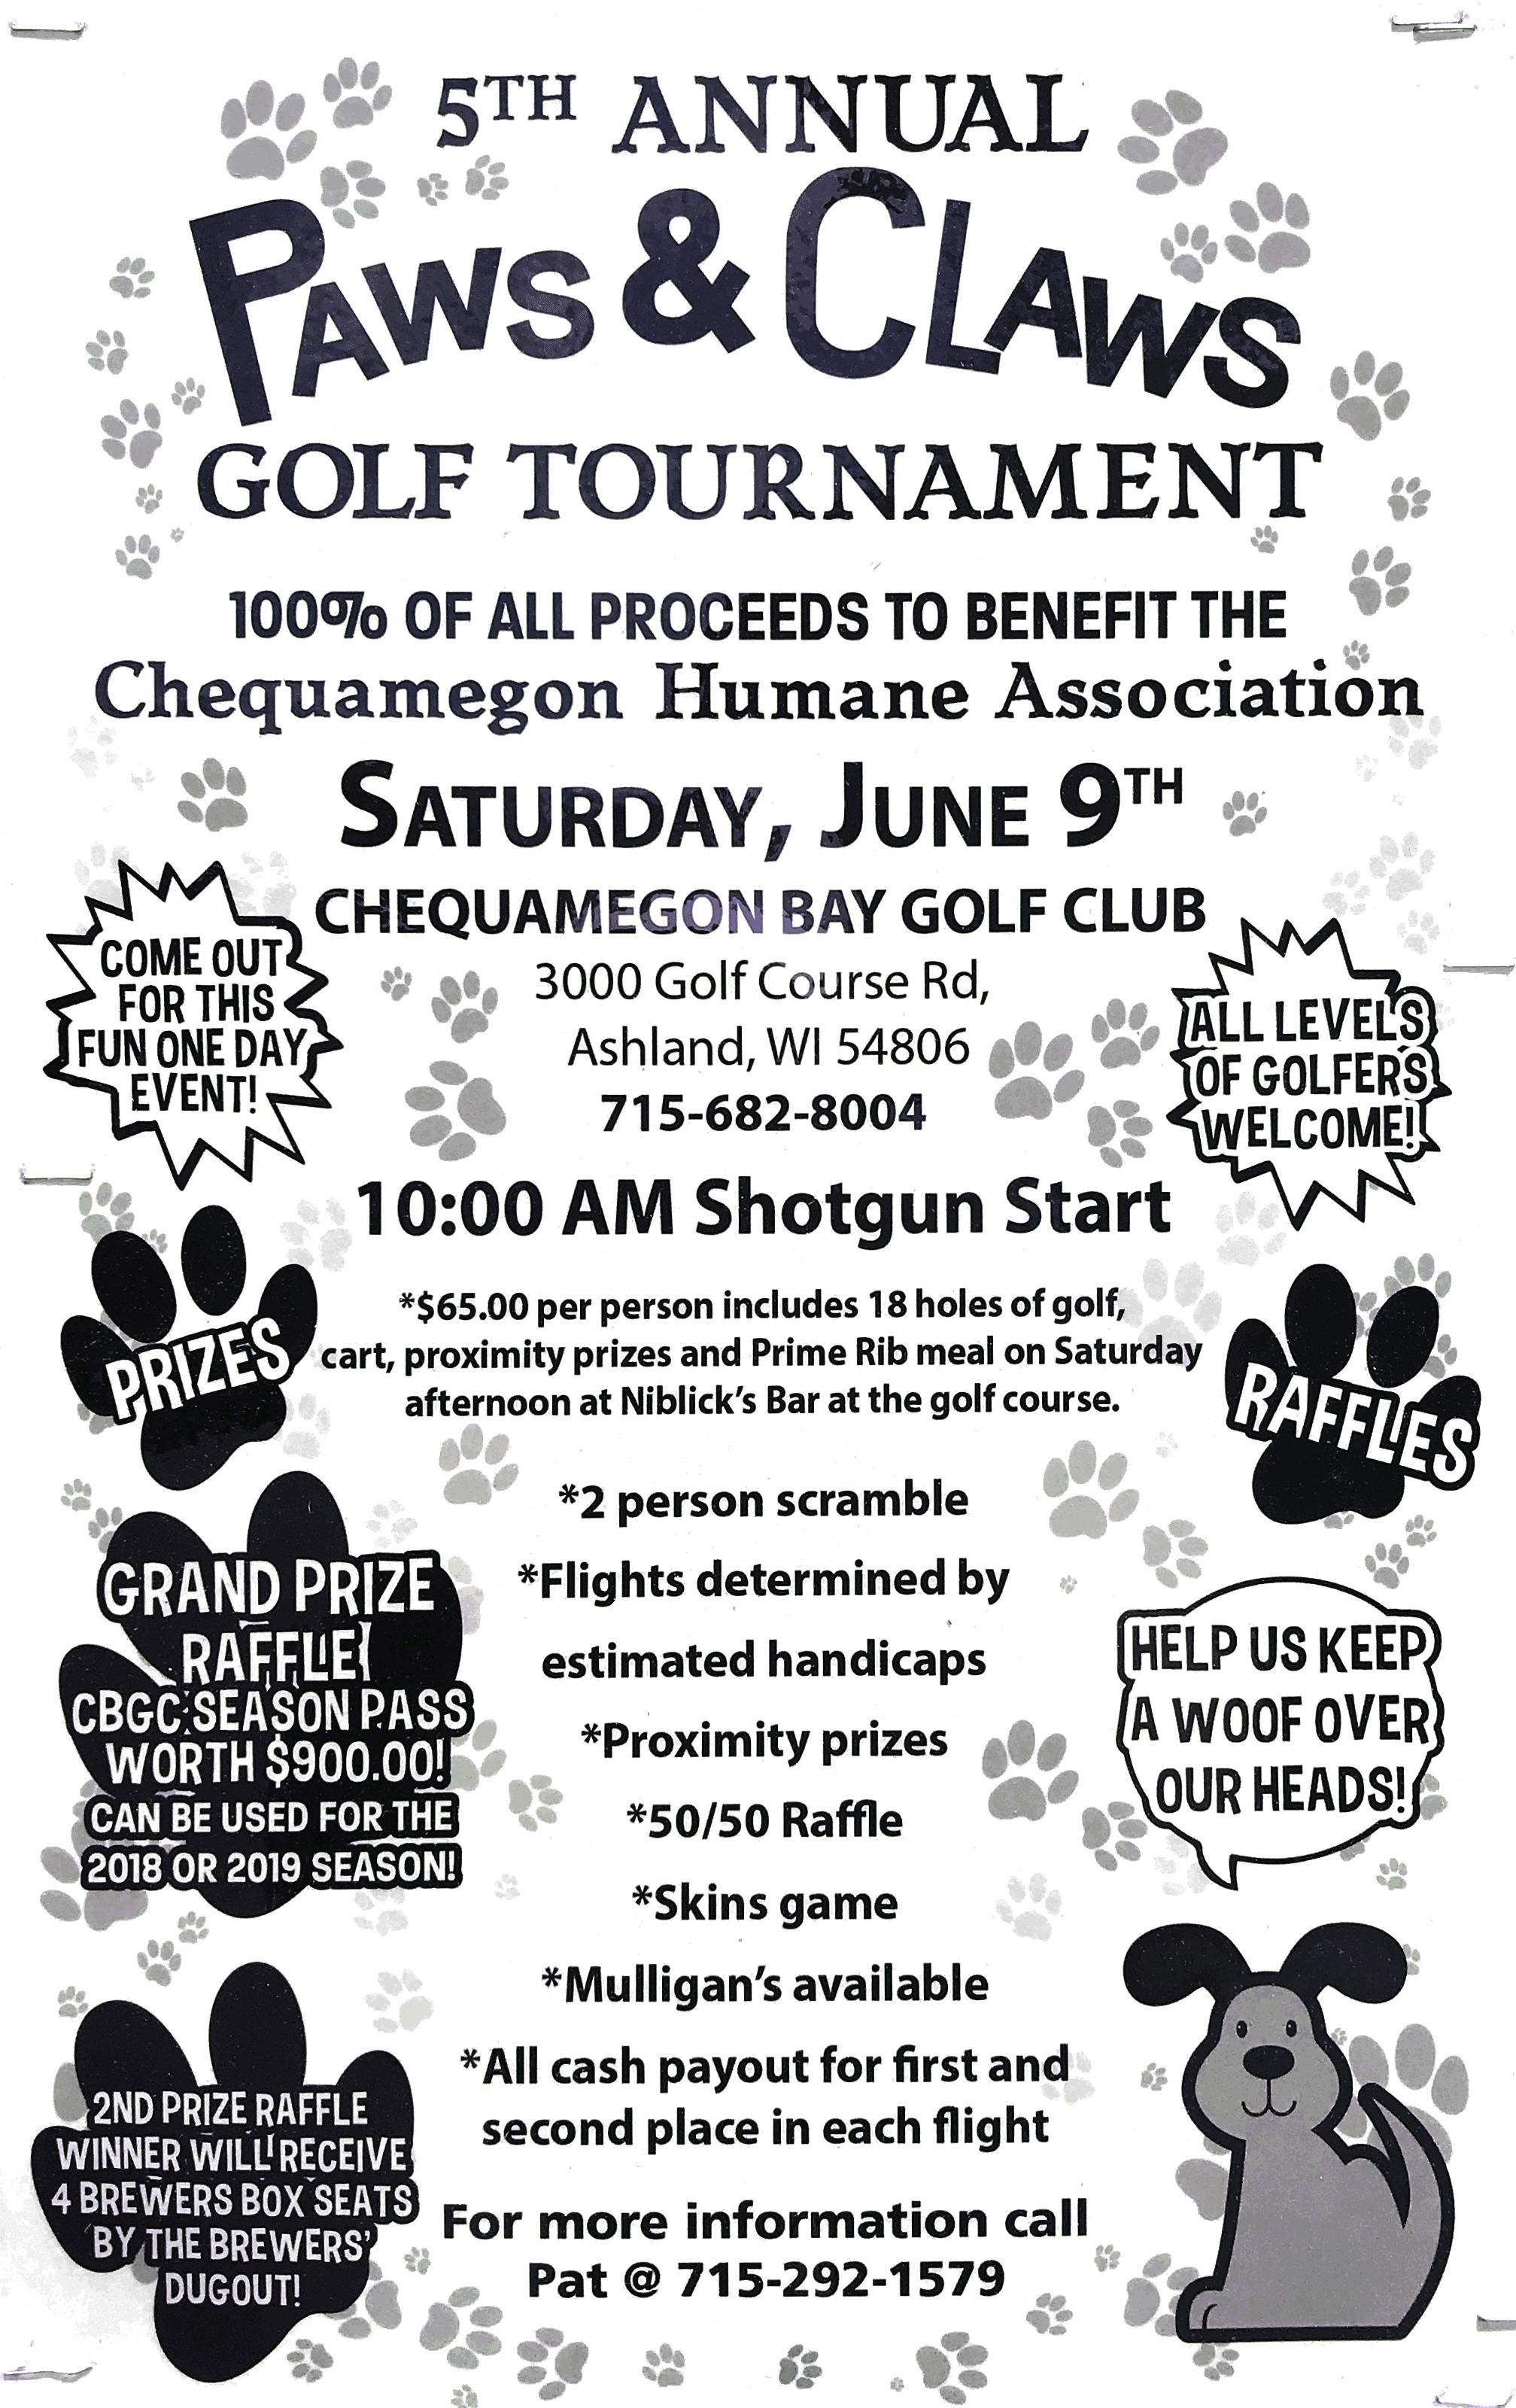 Paws & Claws Golf Scramble - Chequamegon Bay Golf Club